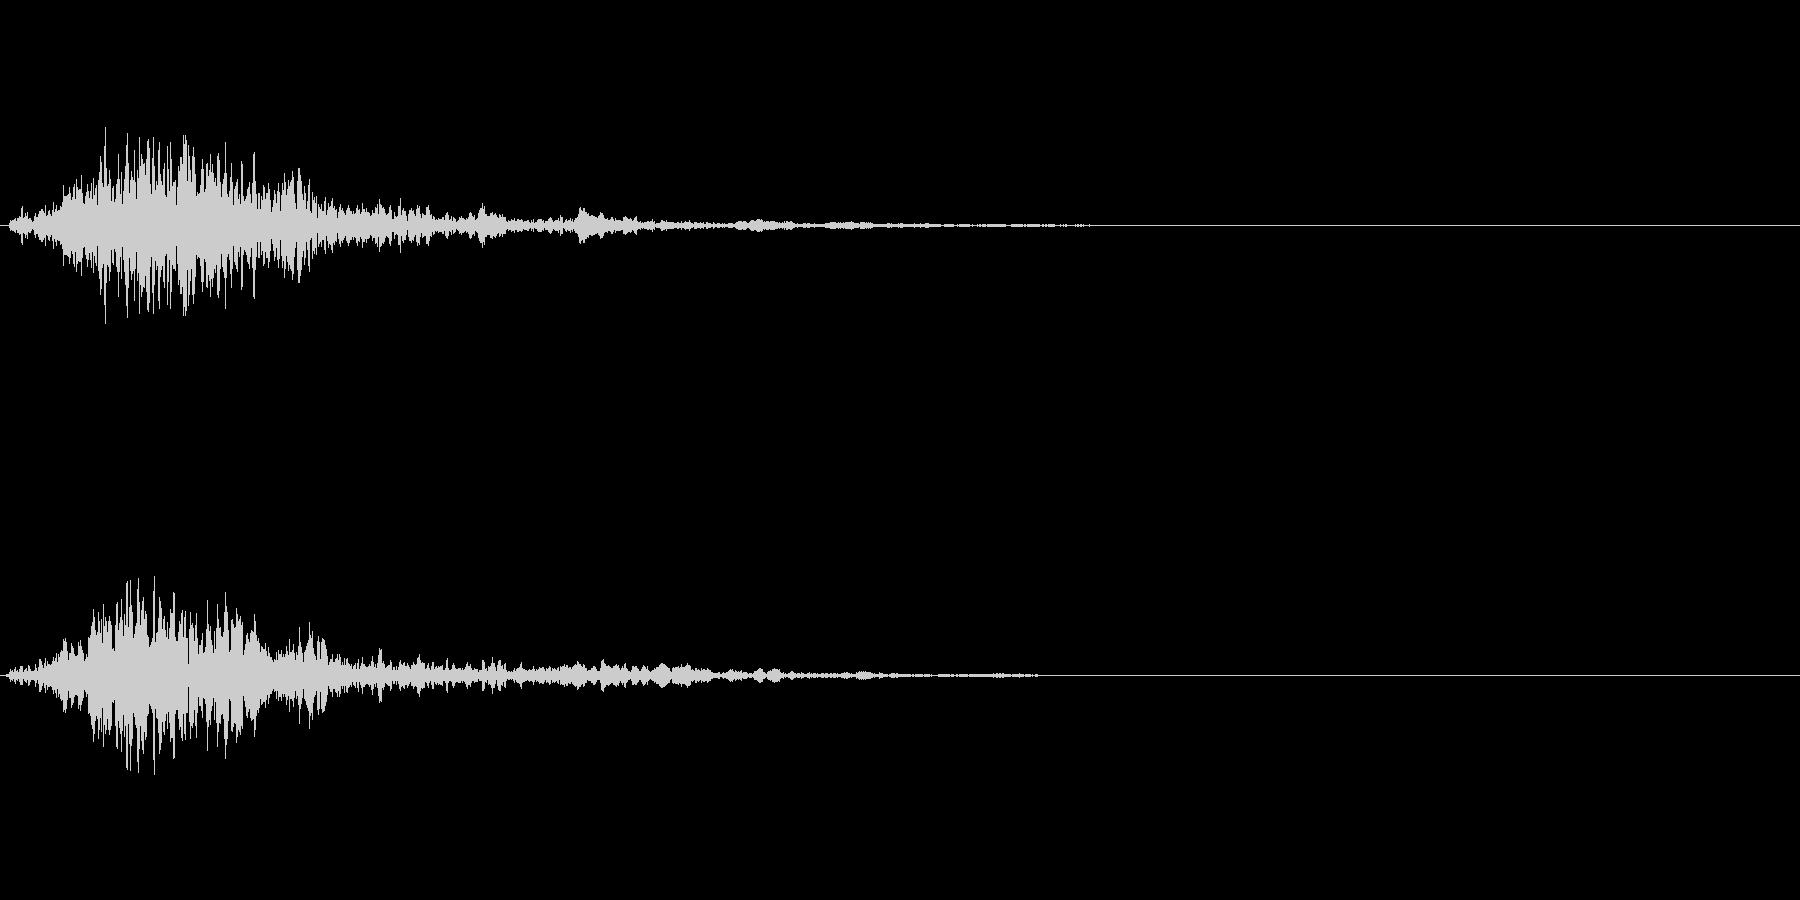 次のステップに進むクリック音4の未再生の波形